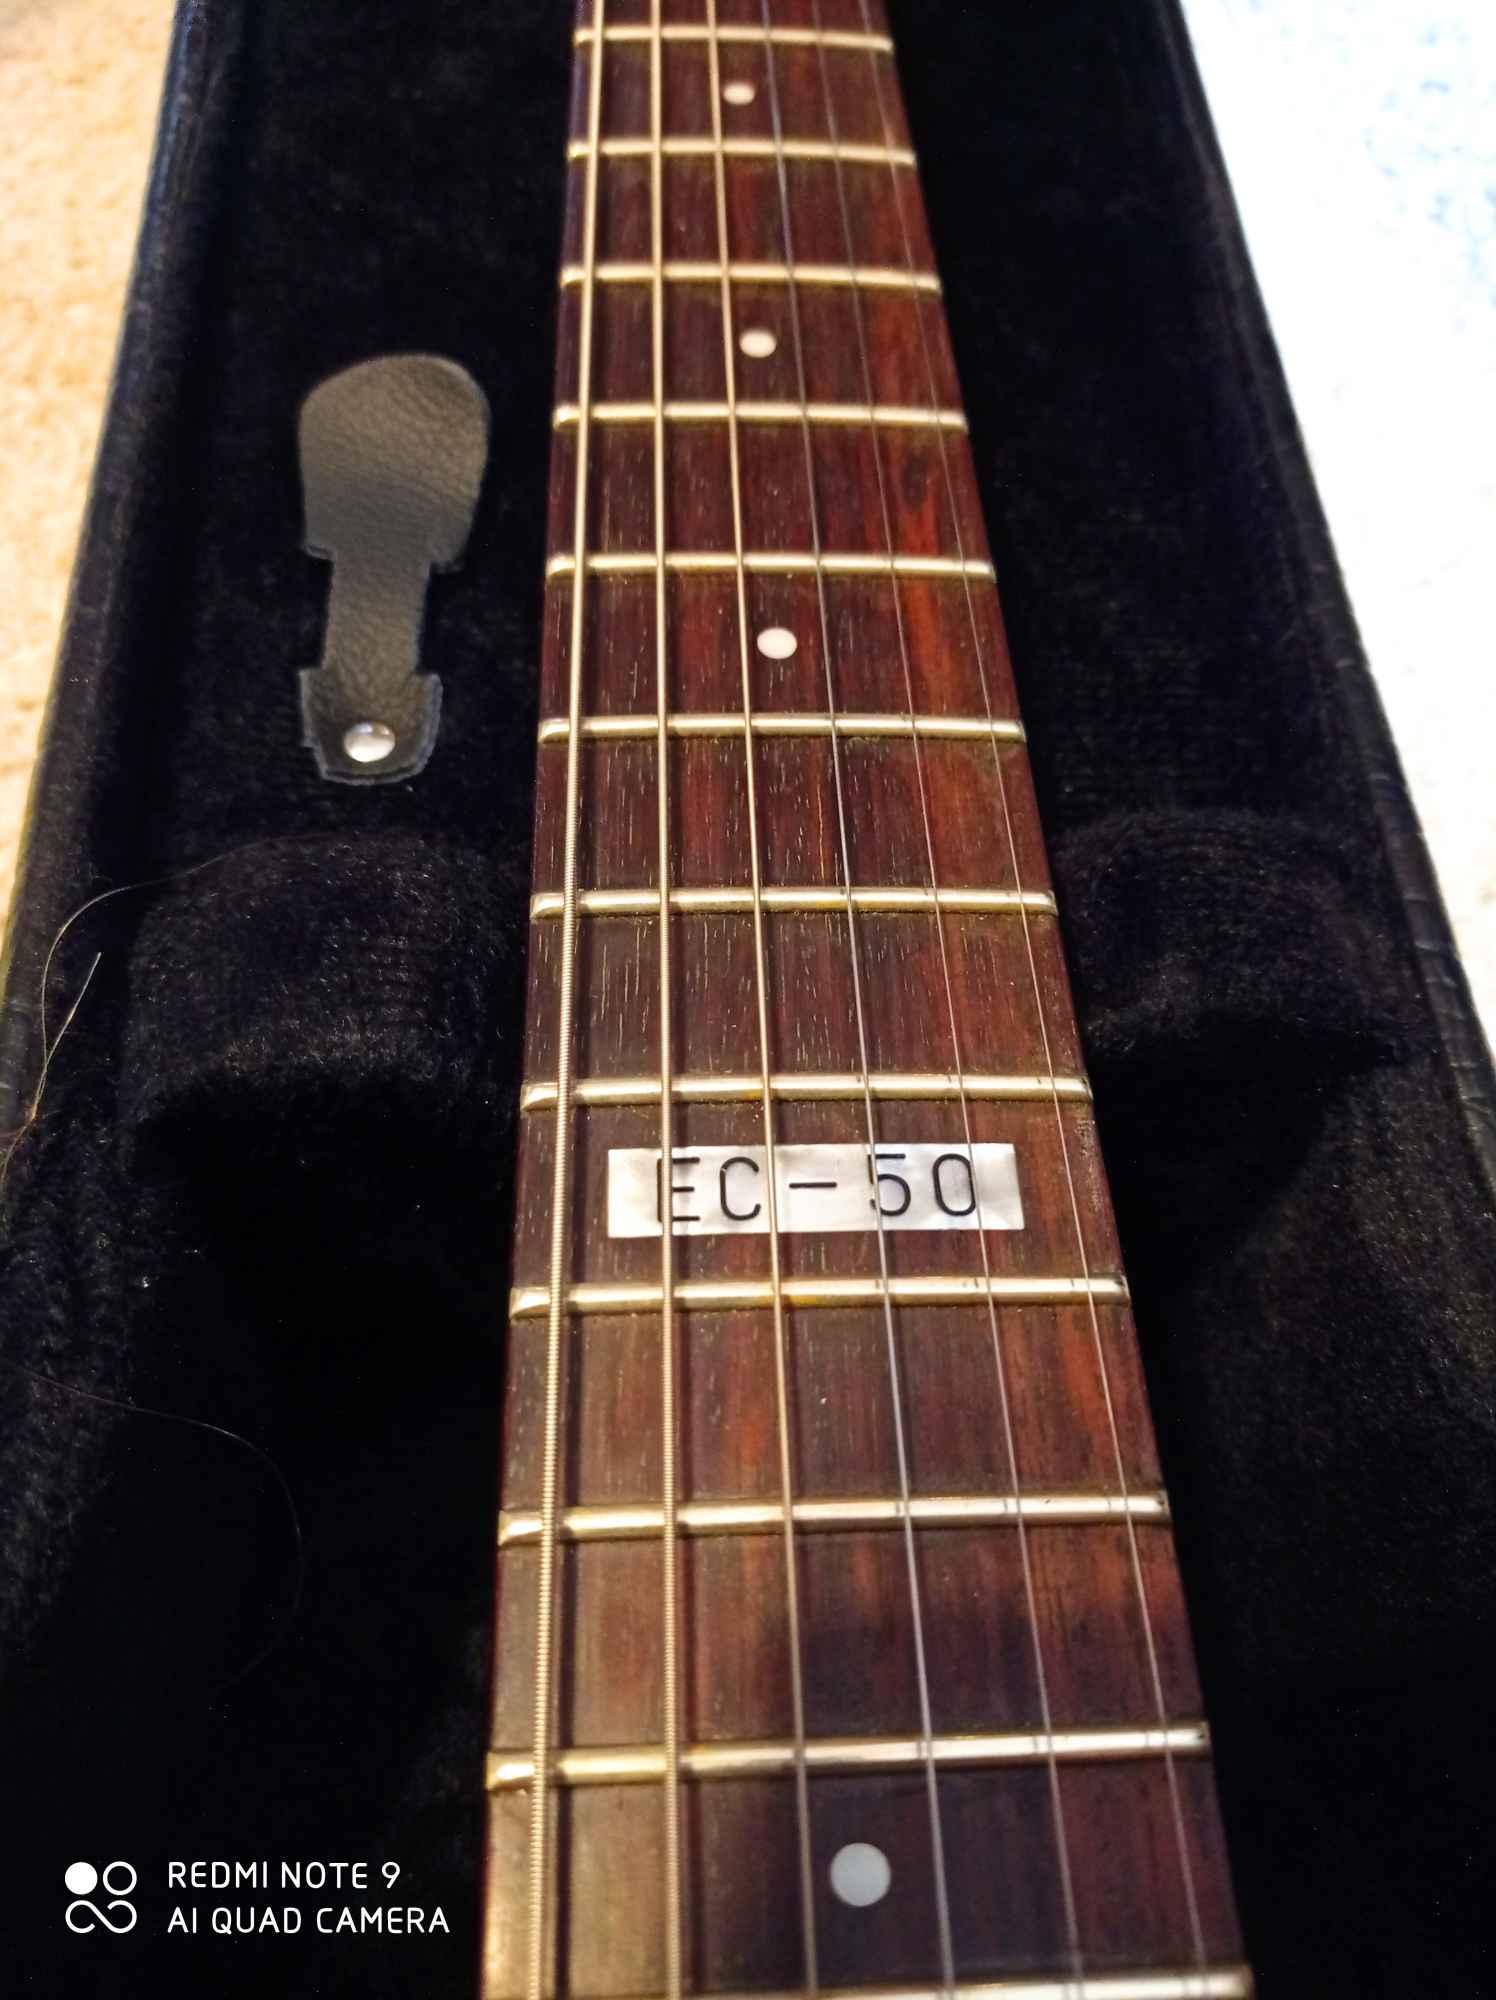 Gitara Elektryczna ESP LTD EC-50 BLKS + DODATKI (DARMOWA WYSYŁKA) Lubań - zdjęcie 3